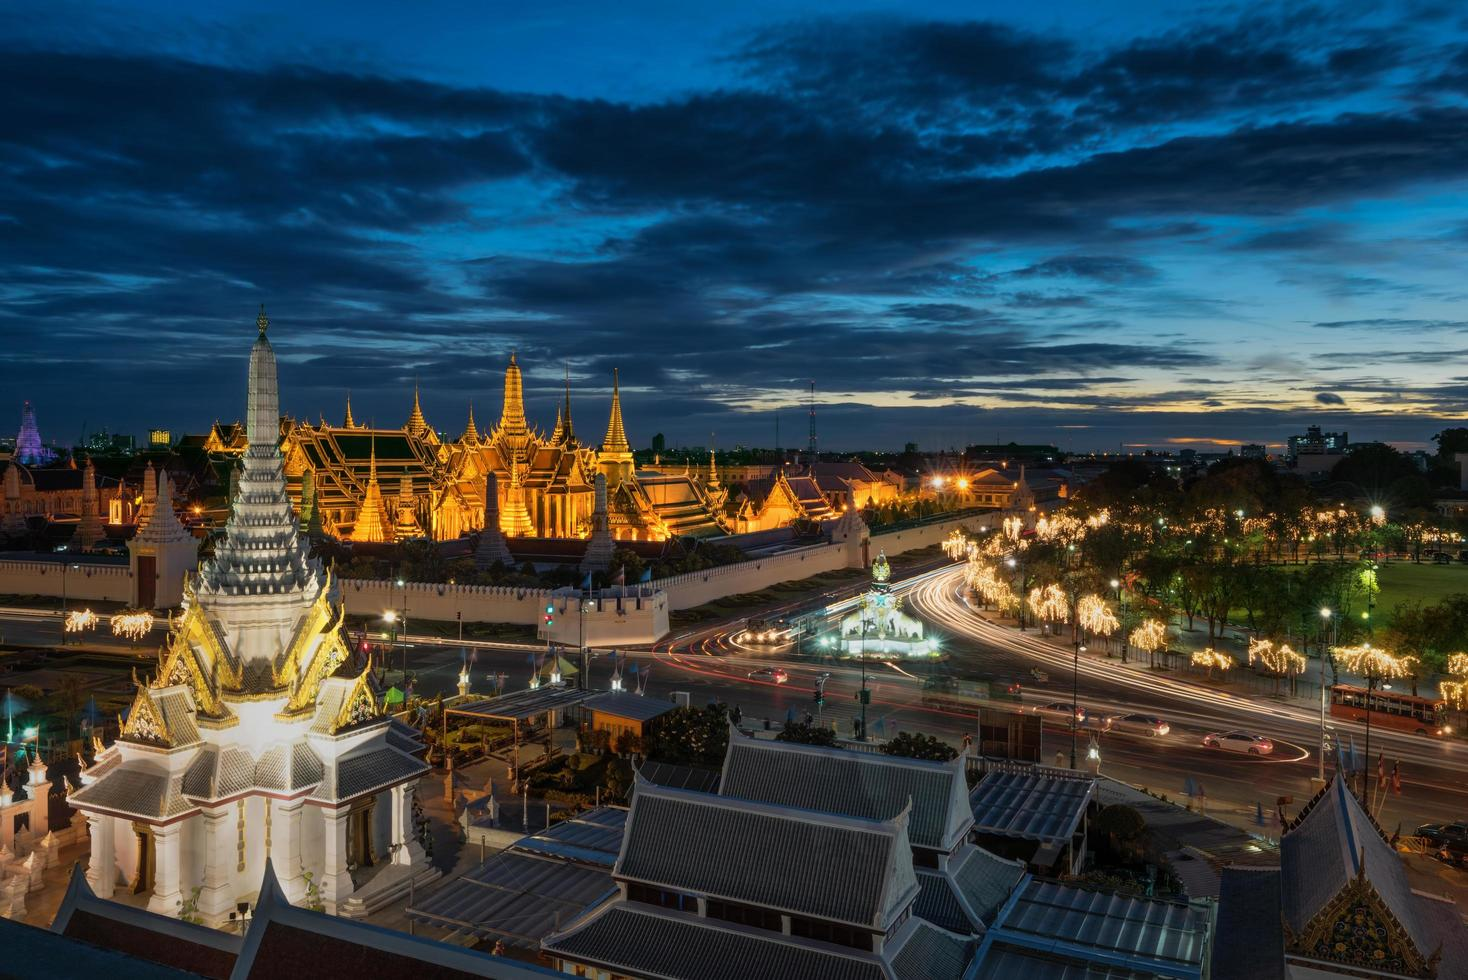 o templo esmeralda de buda no crepúsculo foto